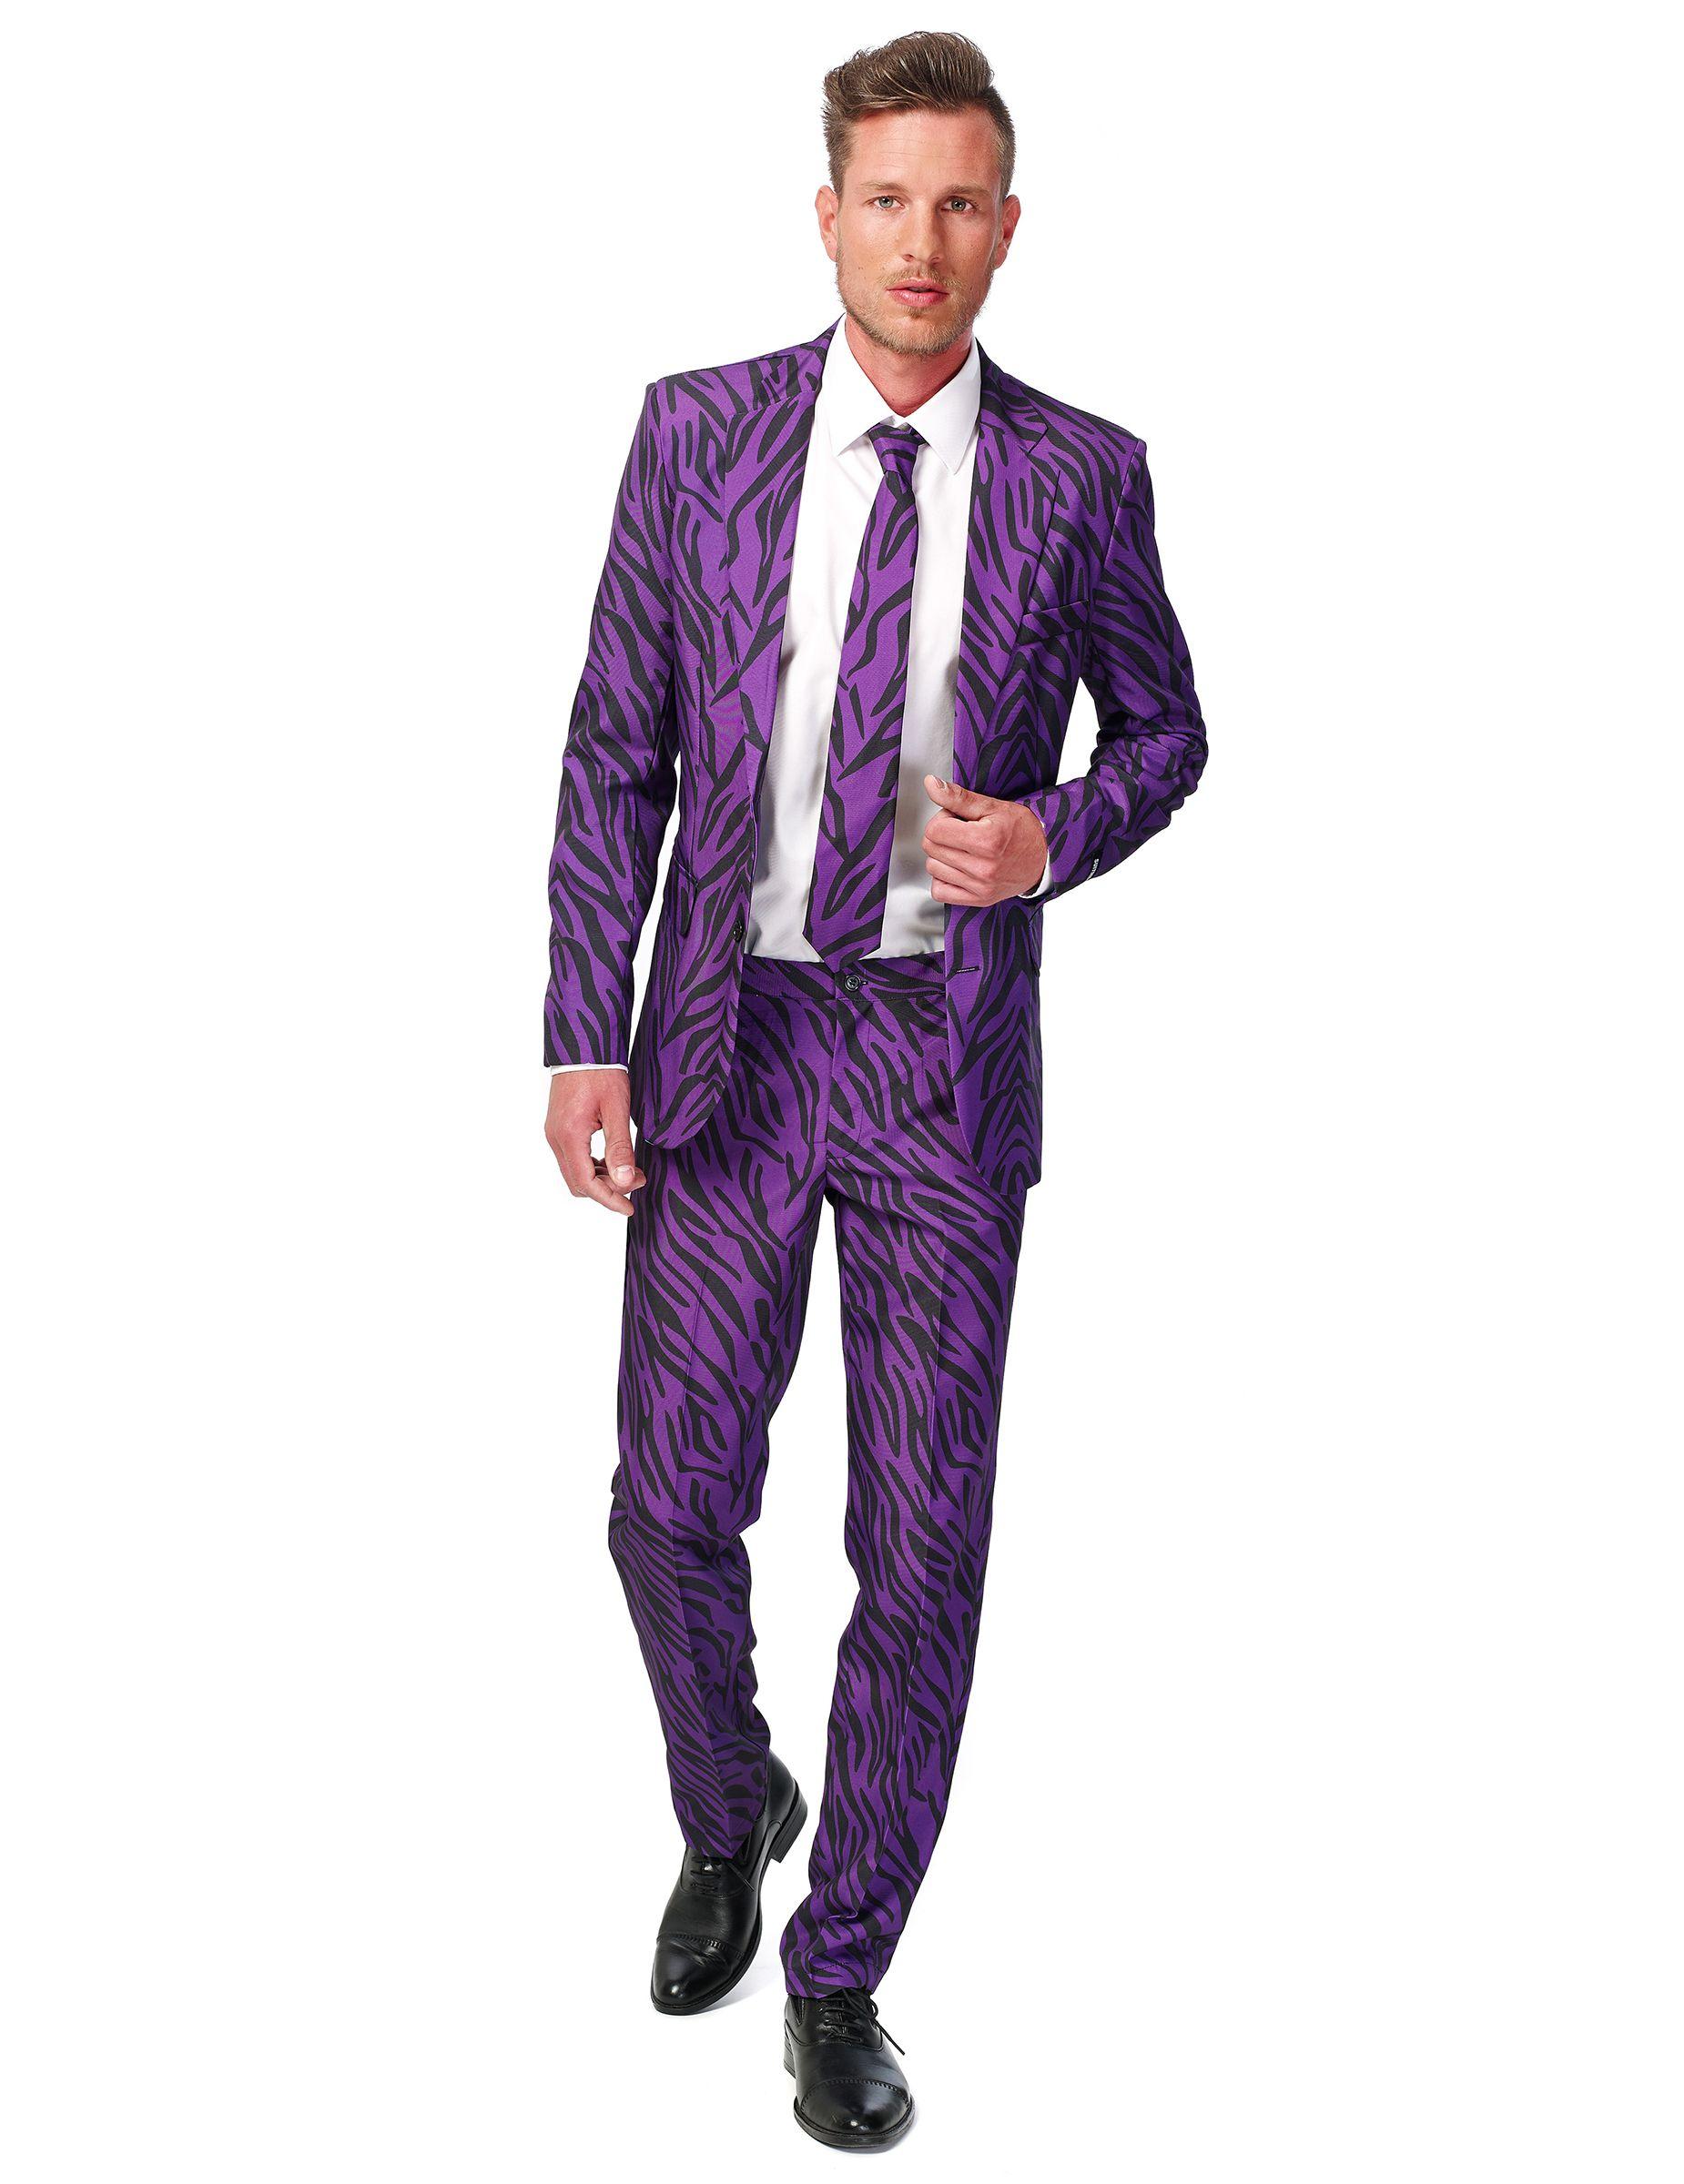 Traje tigre violeta hombre Suitmeister™ | Traje, Comprar y Coser